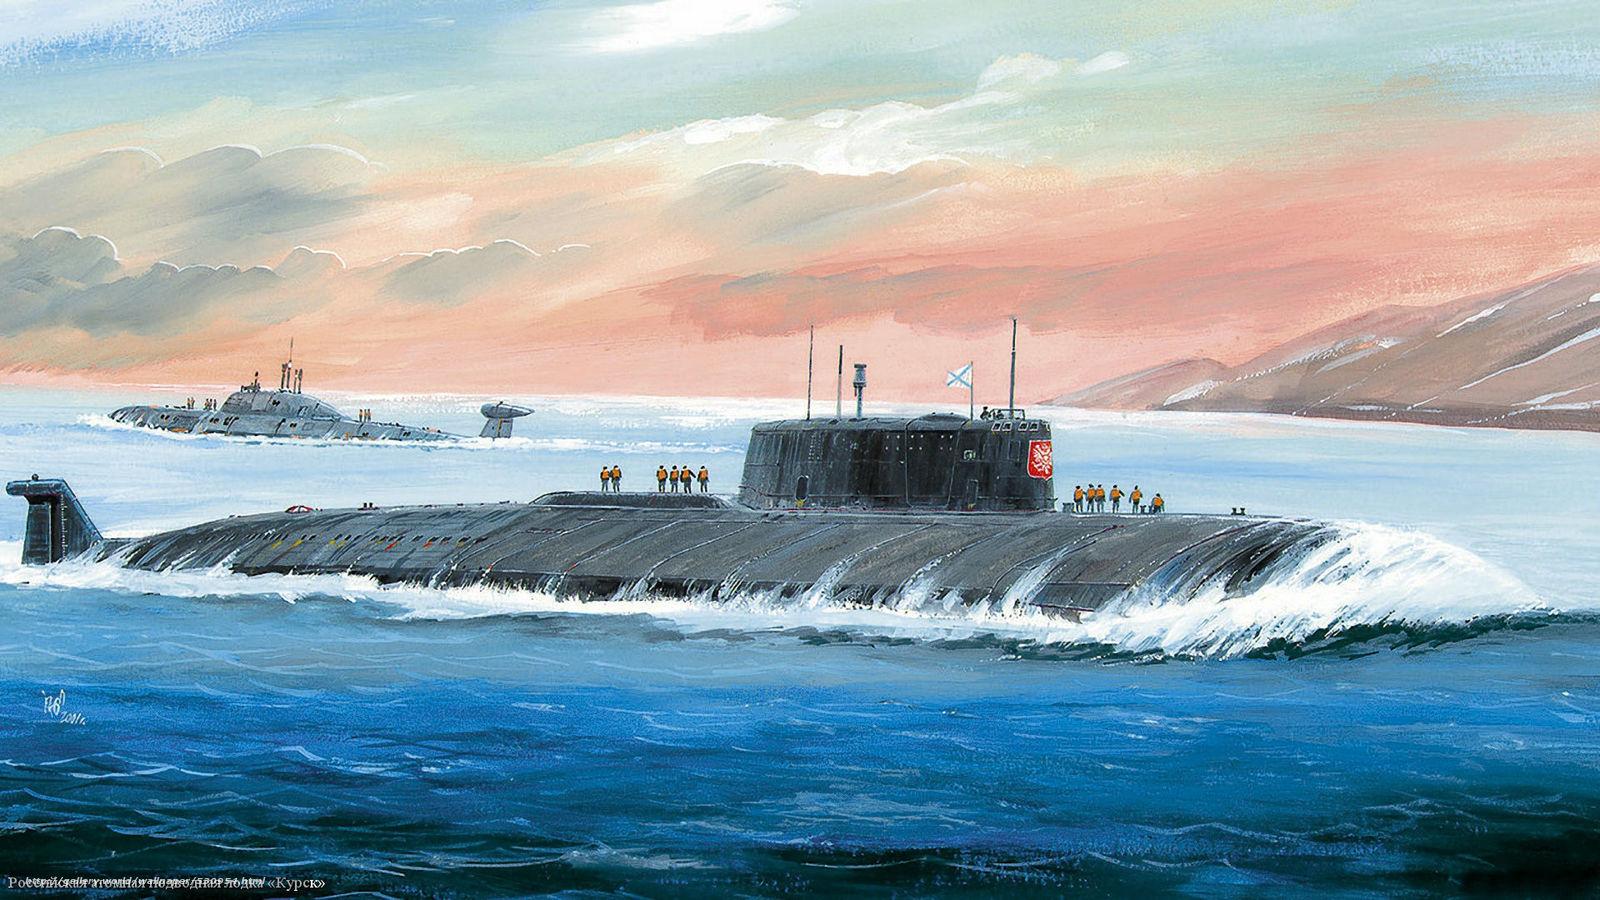 данной все о подводных лодках содержит крахмал, консерванты